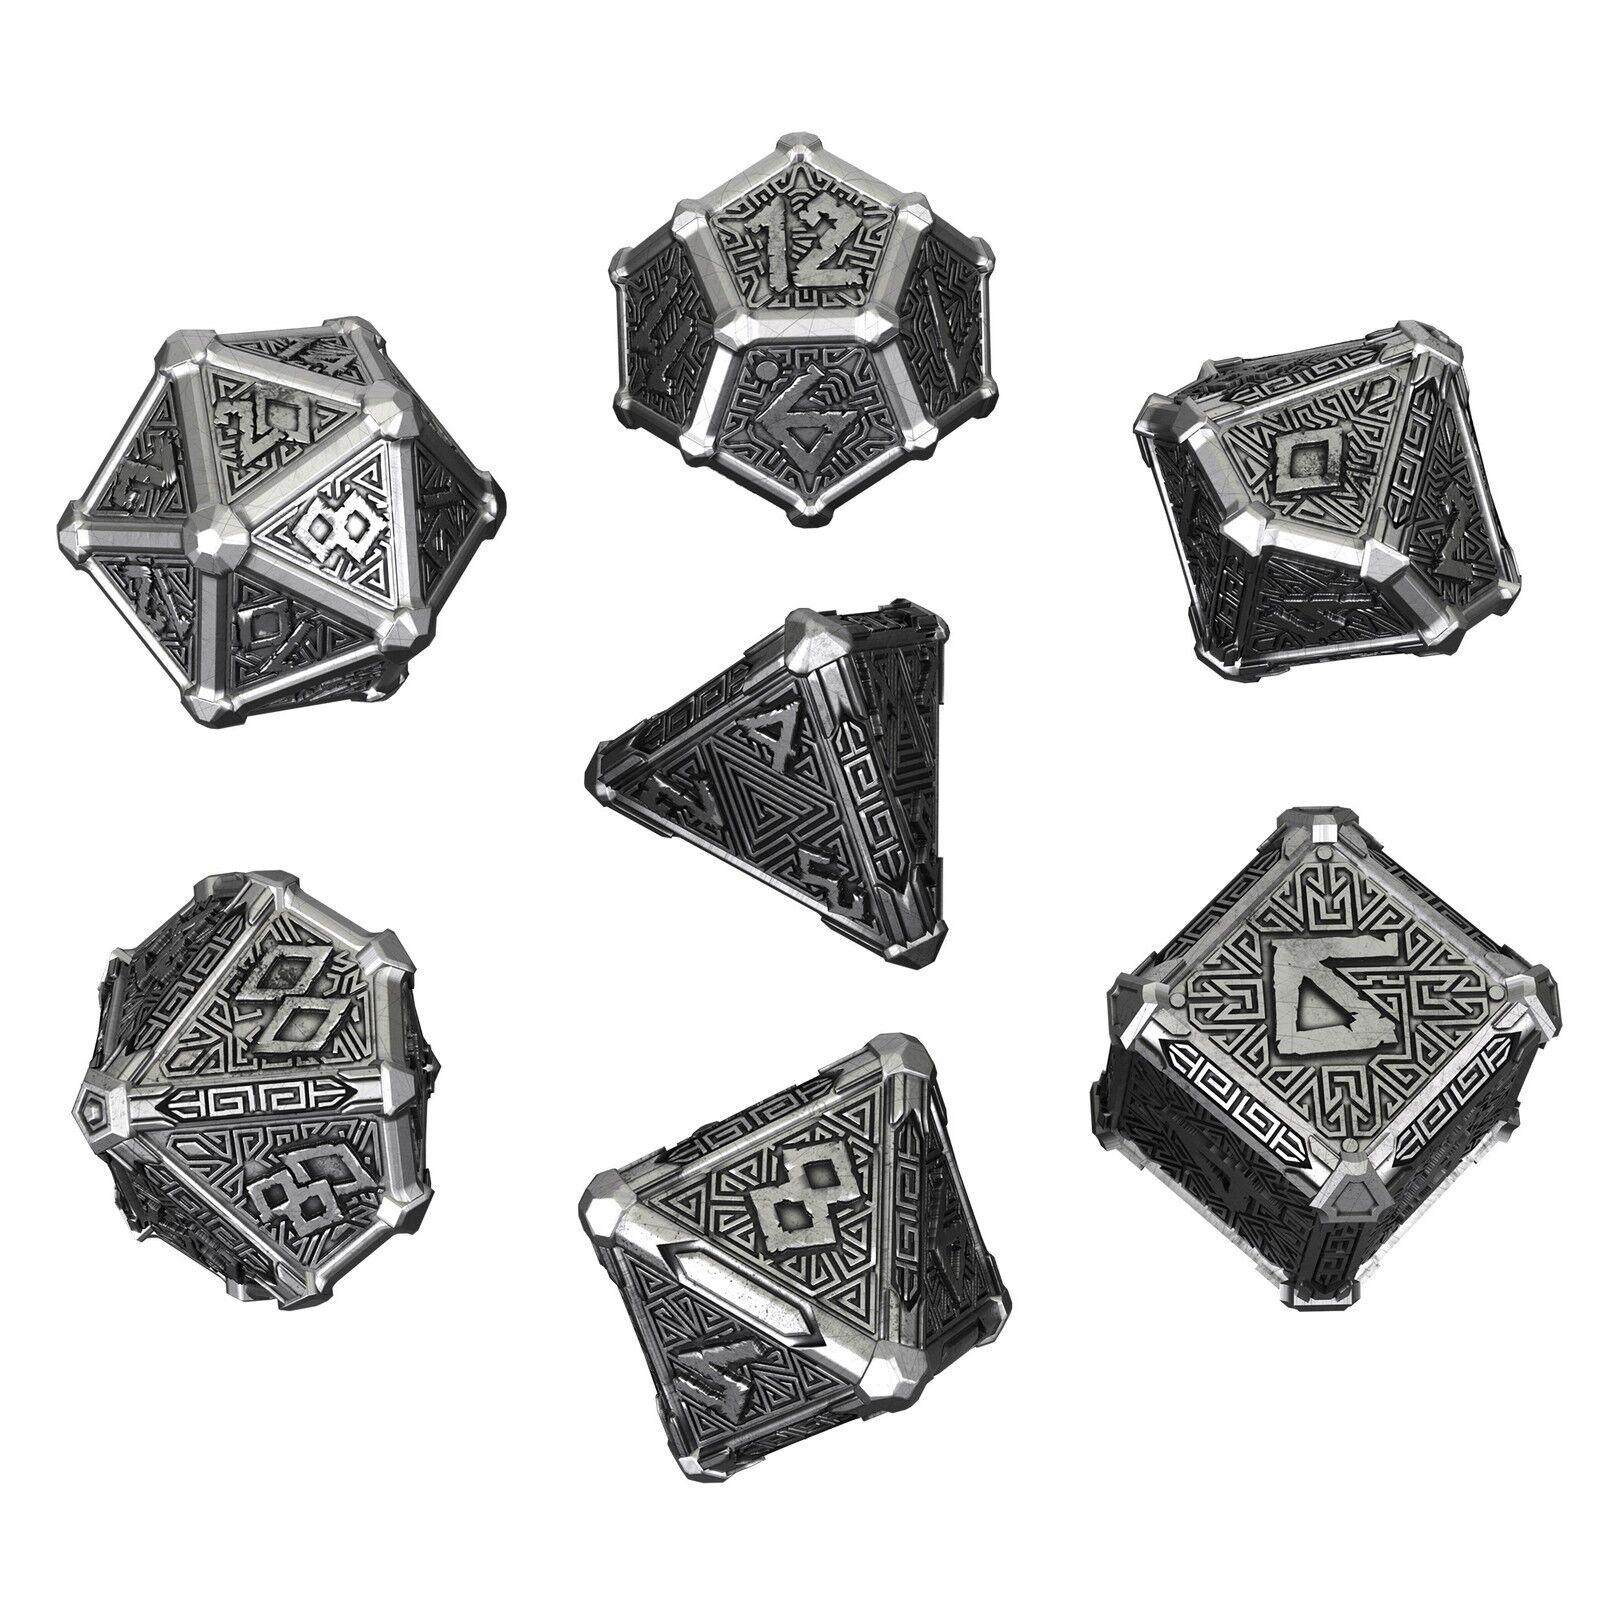 Metall - mythischen würfel (7)